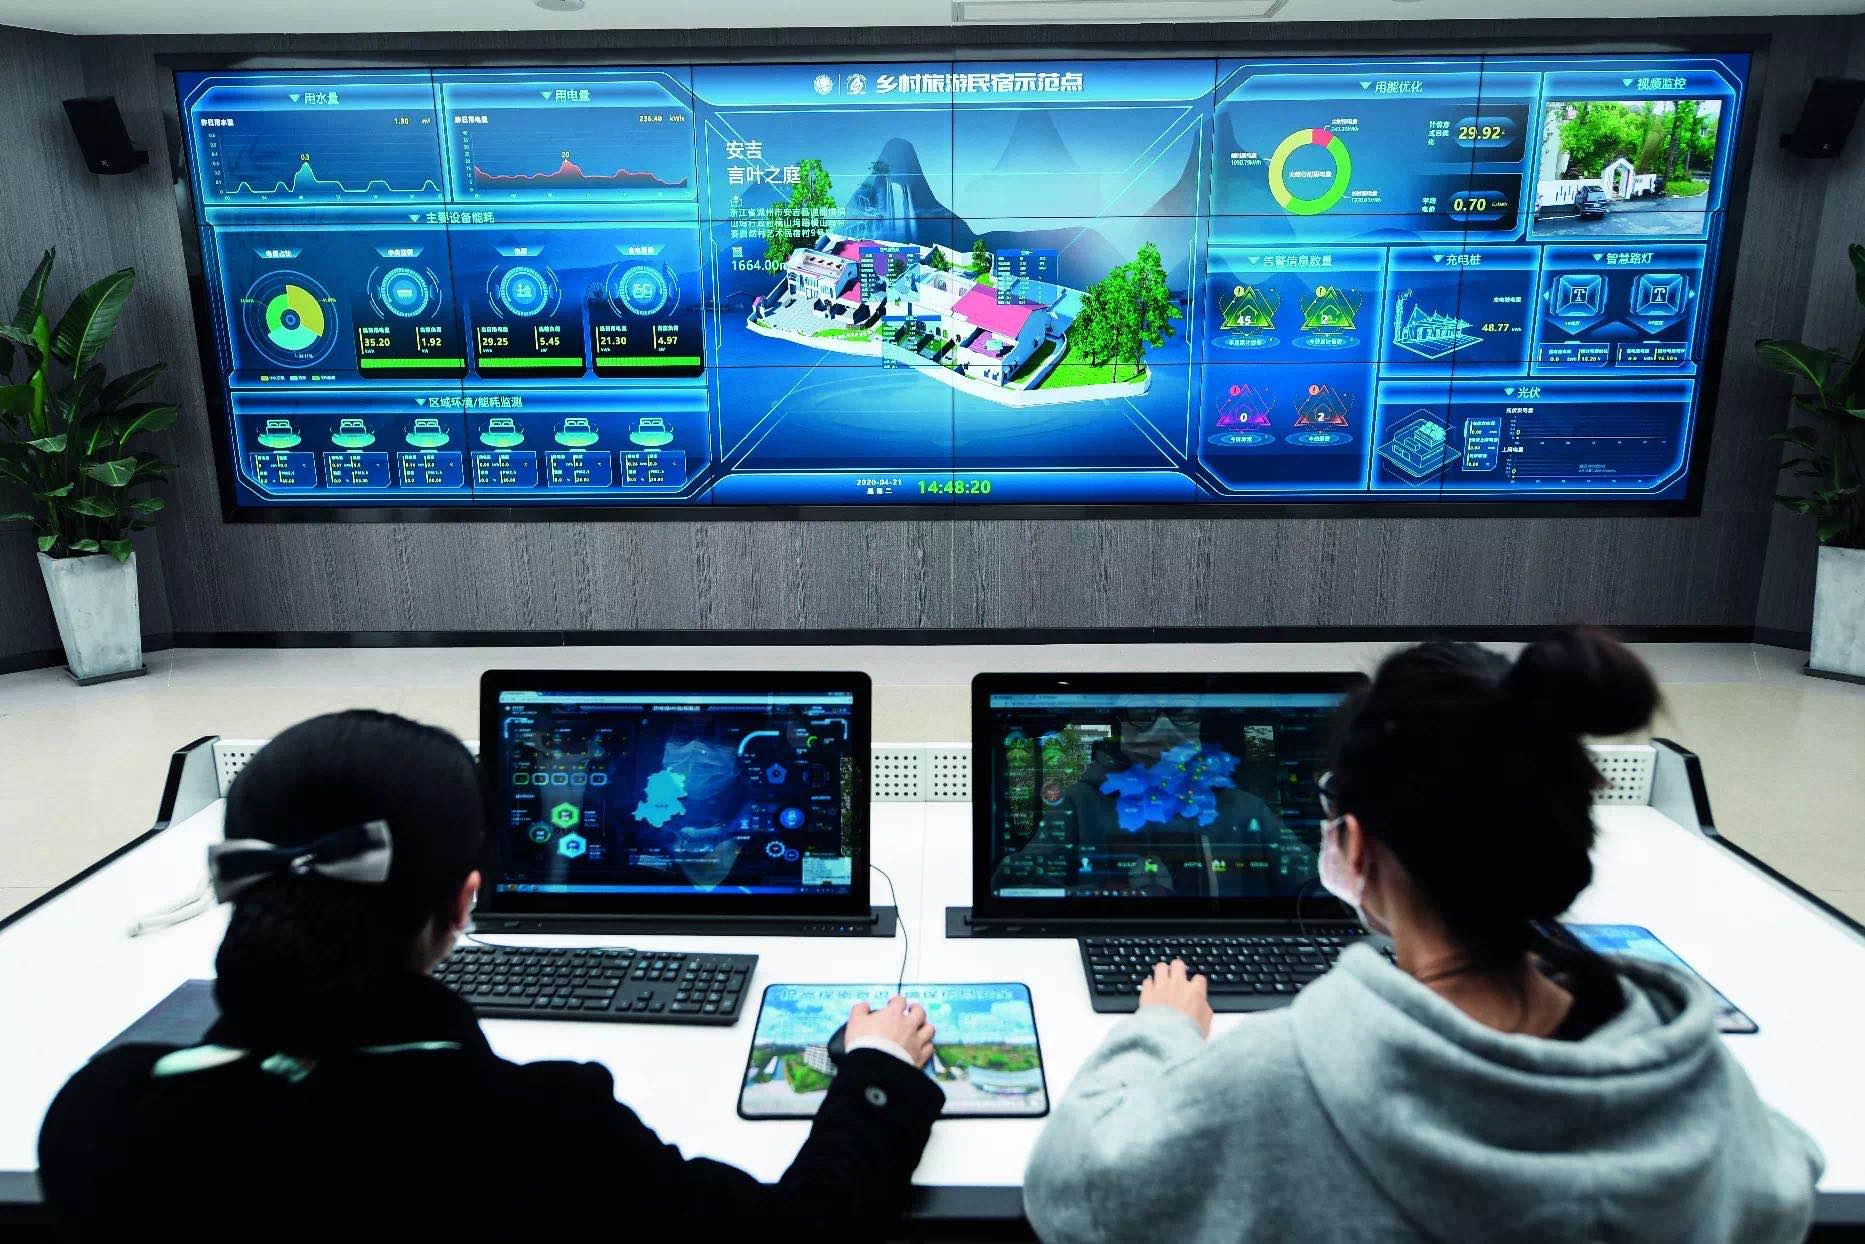 疫情之下,17万亿之上:中国数字经济如何裂变插图(6)